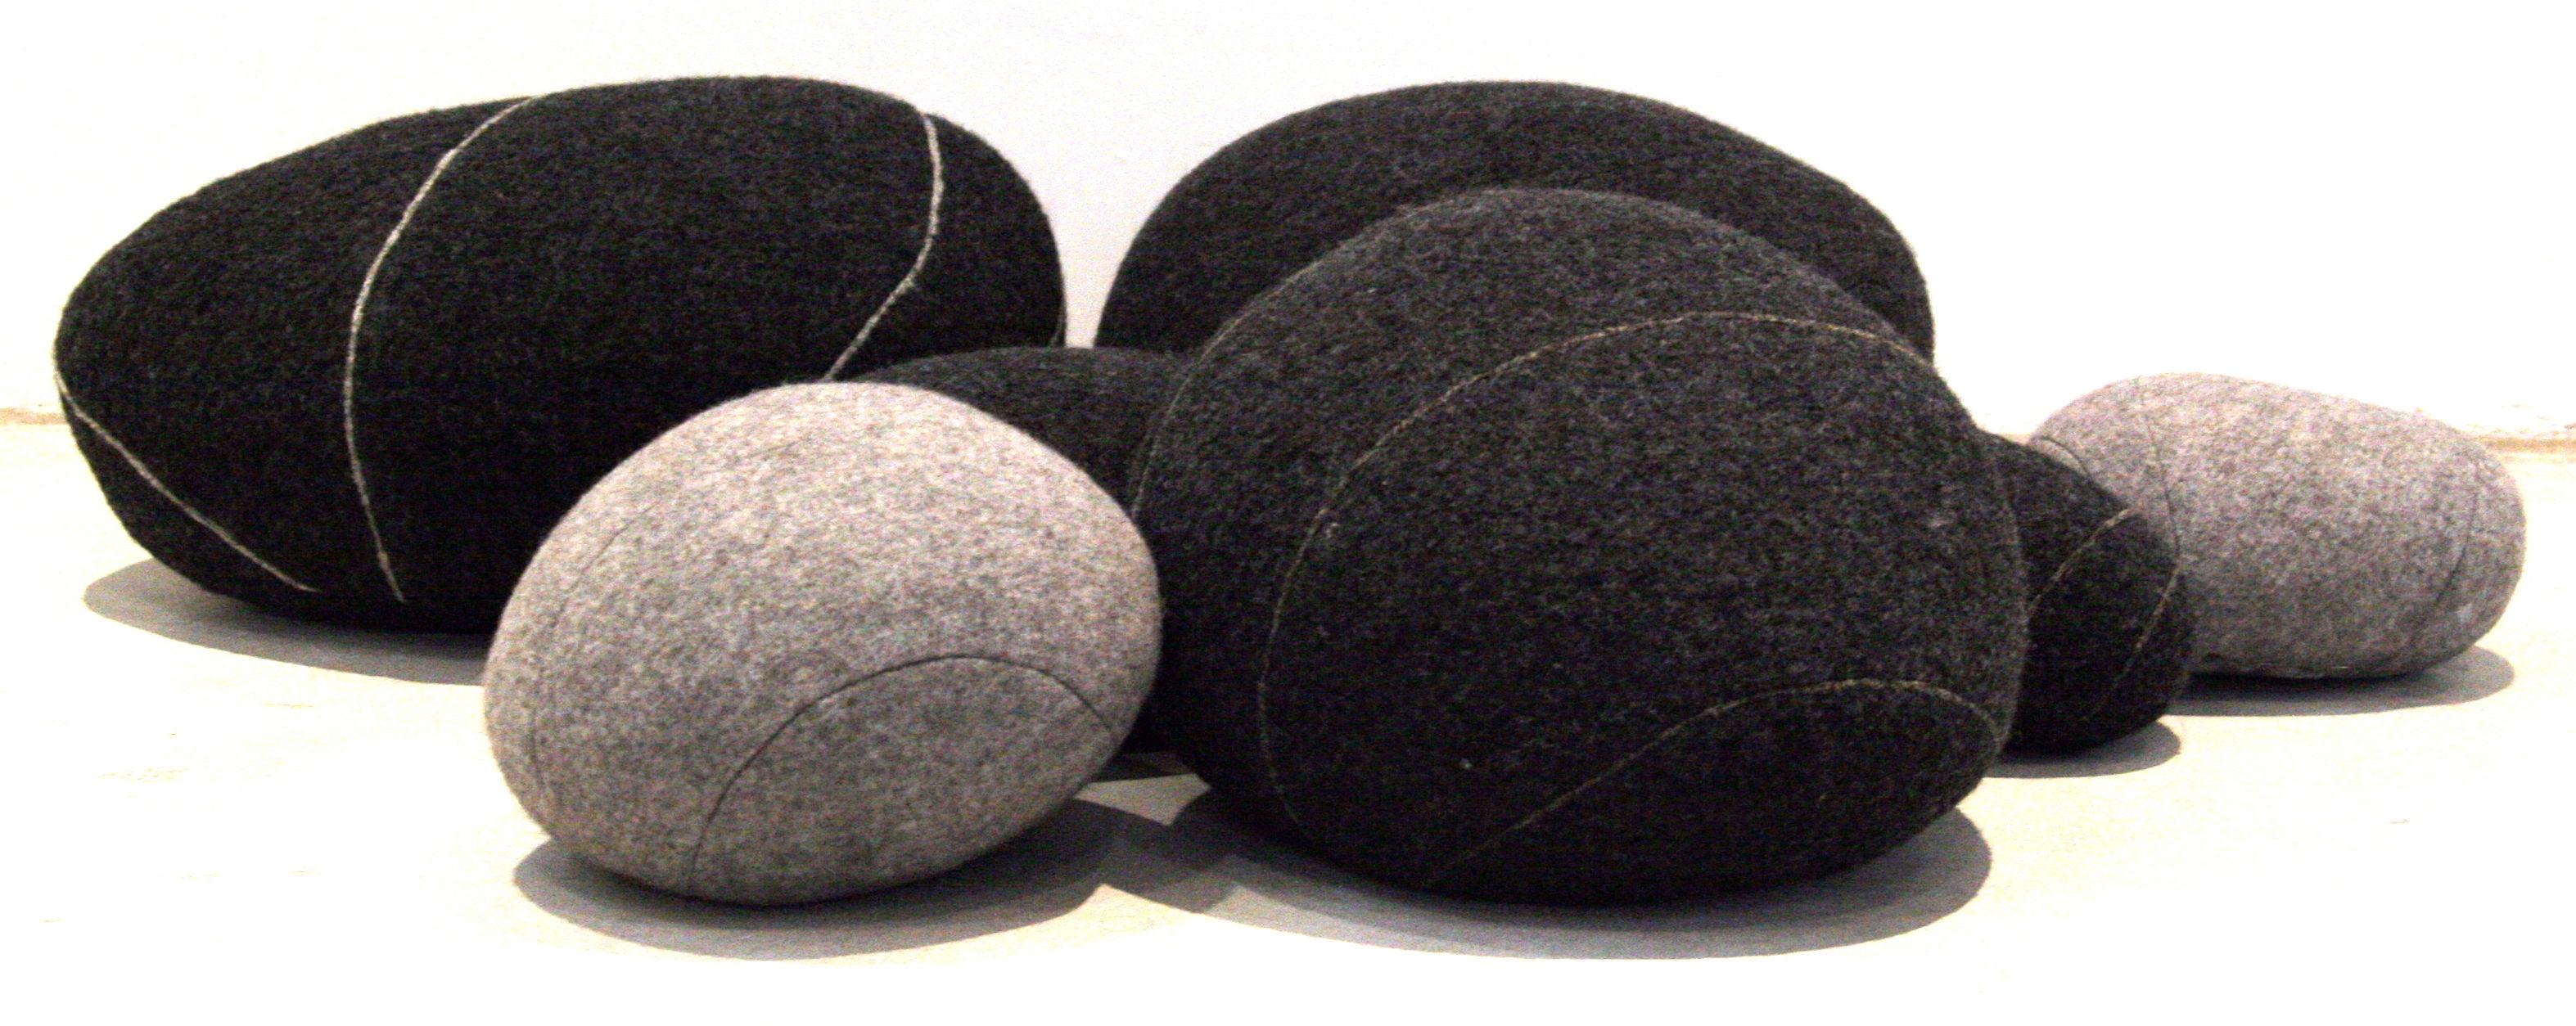 coussin pierre livingstones laine 30x27 cm gris fonc 30 x 27 cm h 19 cm smarin made. Black Bedroom Furniture Sets. Home Design Ideas